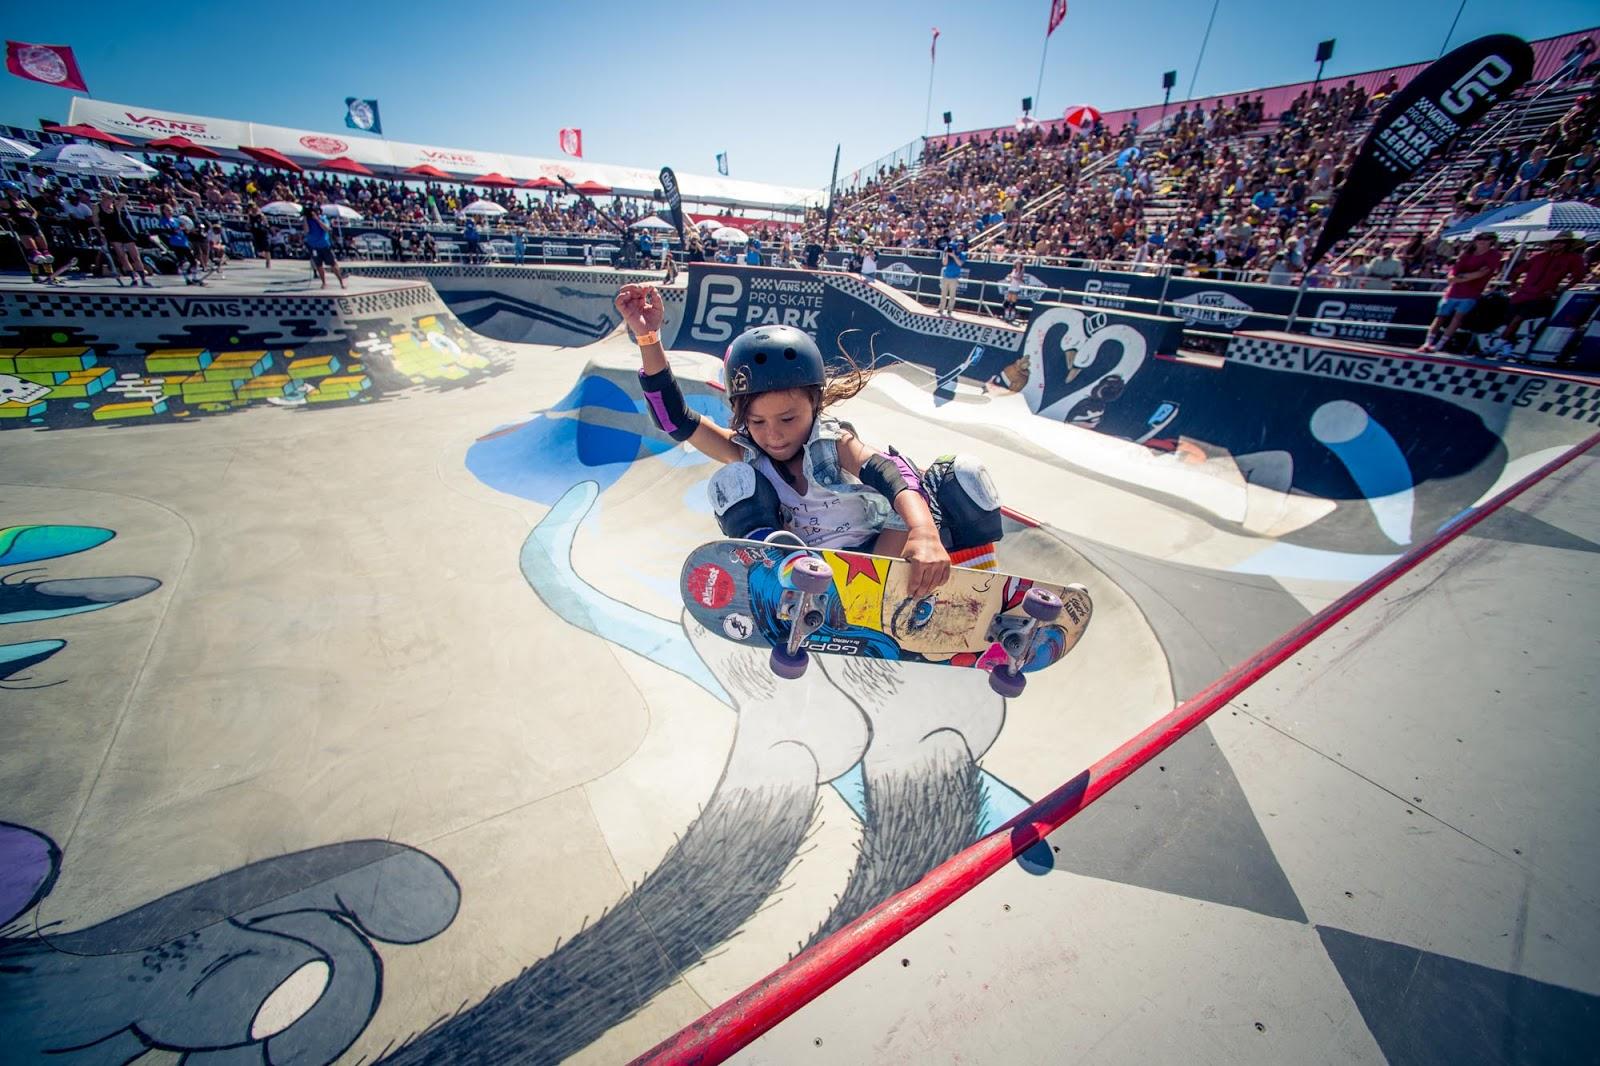 Dziewczynka w kasku na deskorolce, jeżdżąca na zawodach na rampie